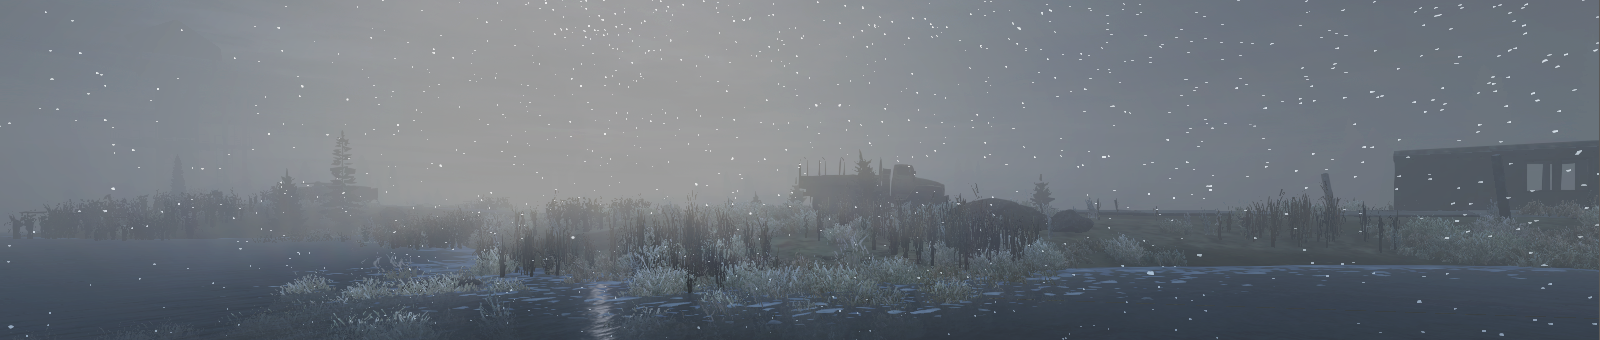 nam_event_snowstorm.png